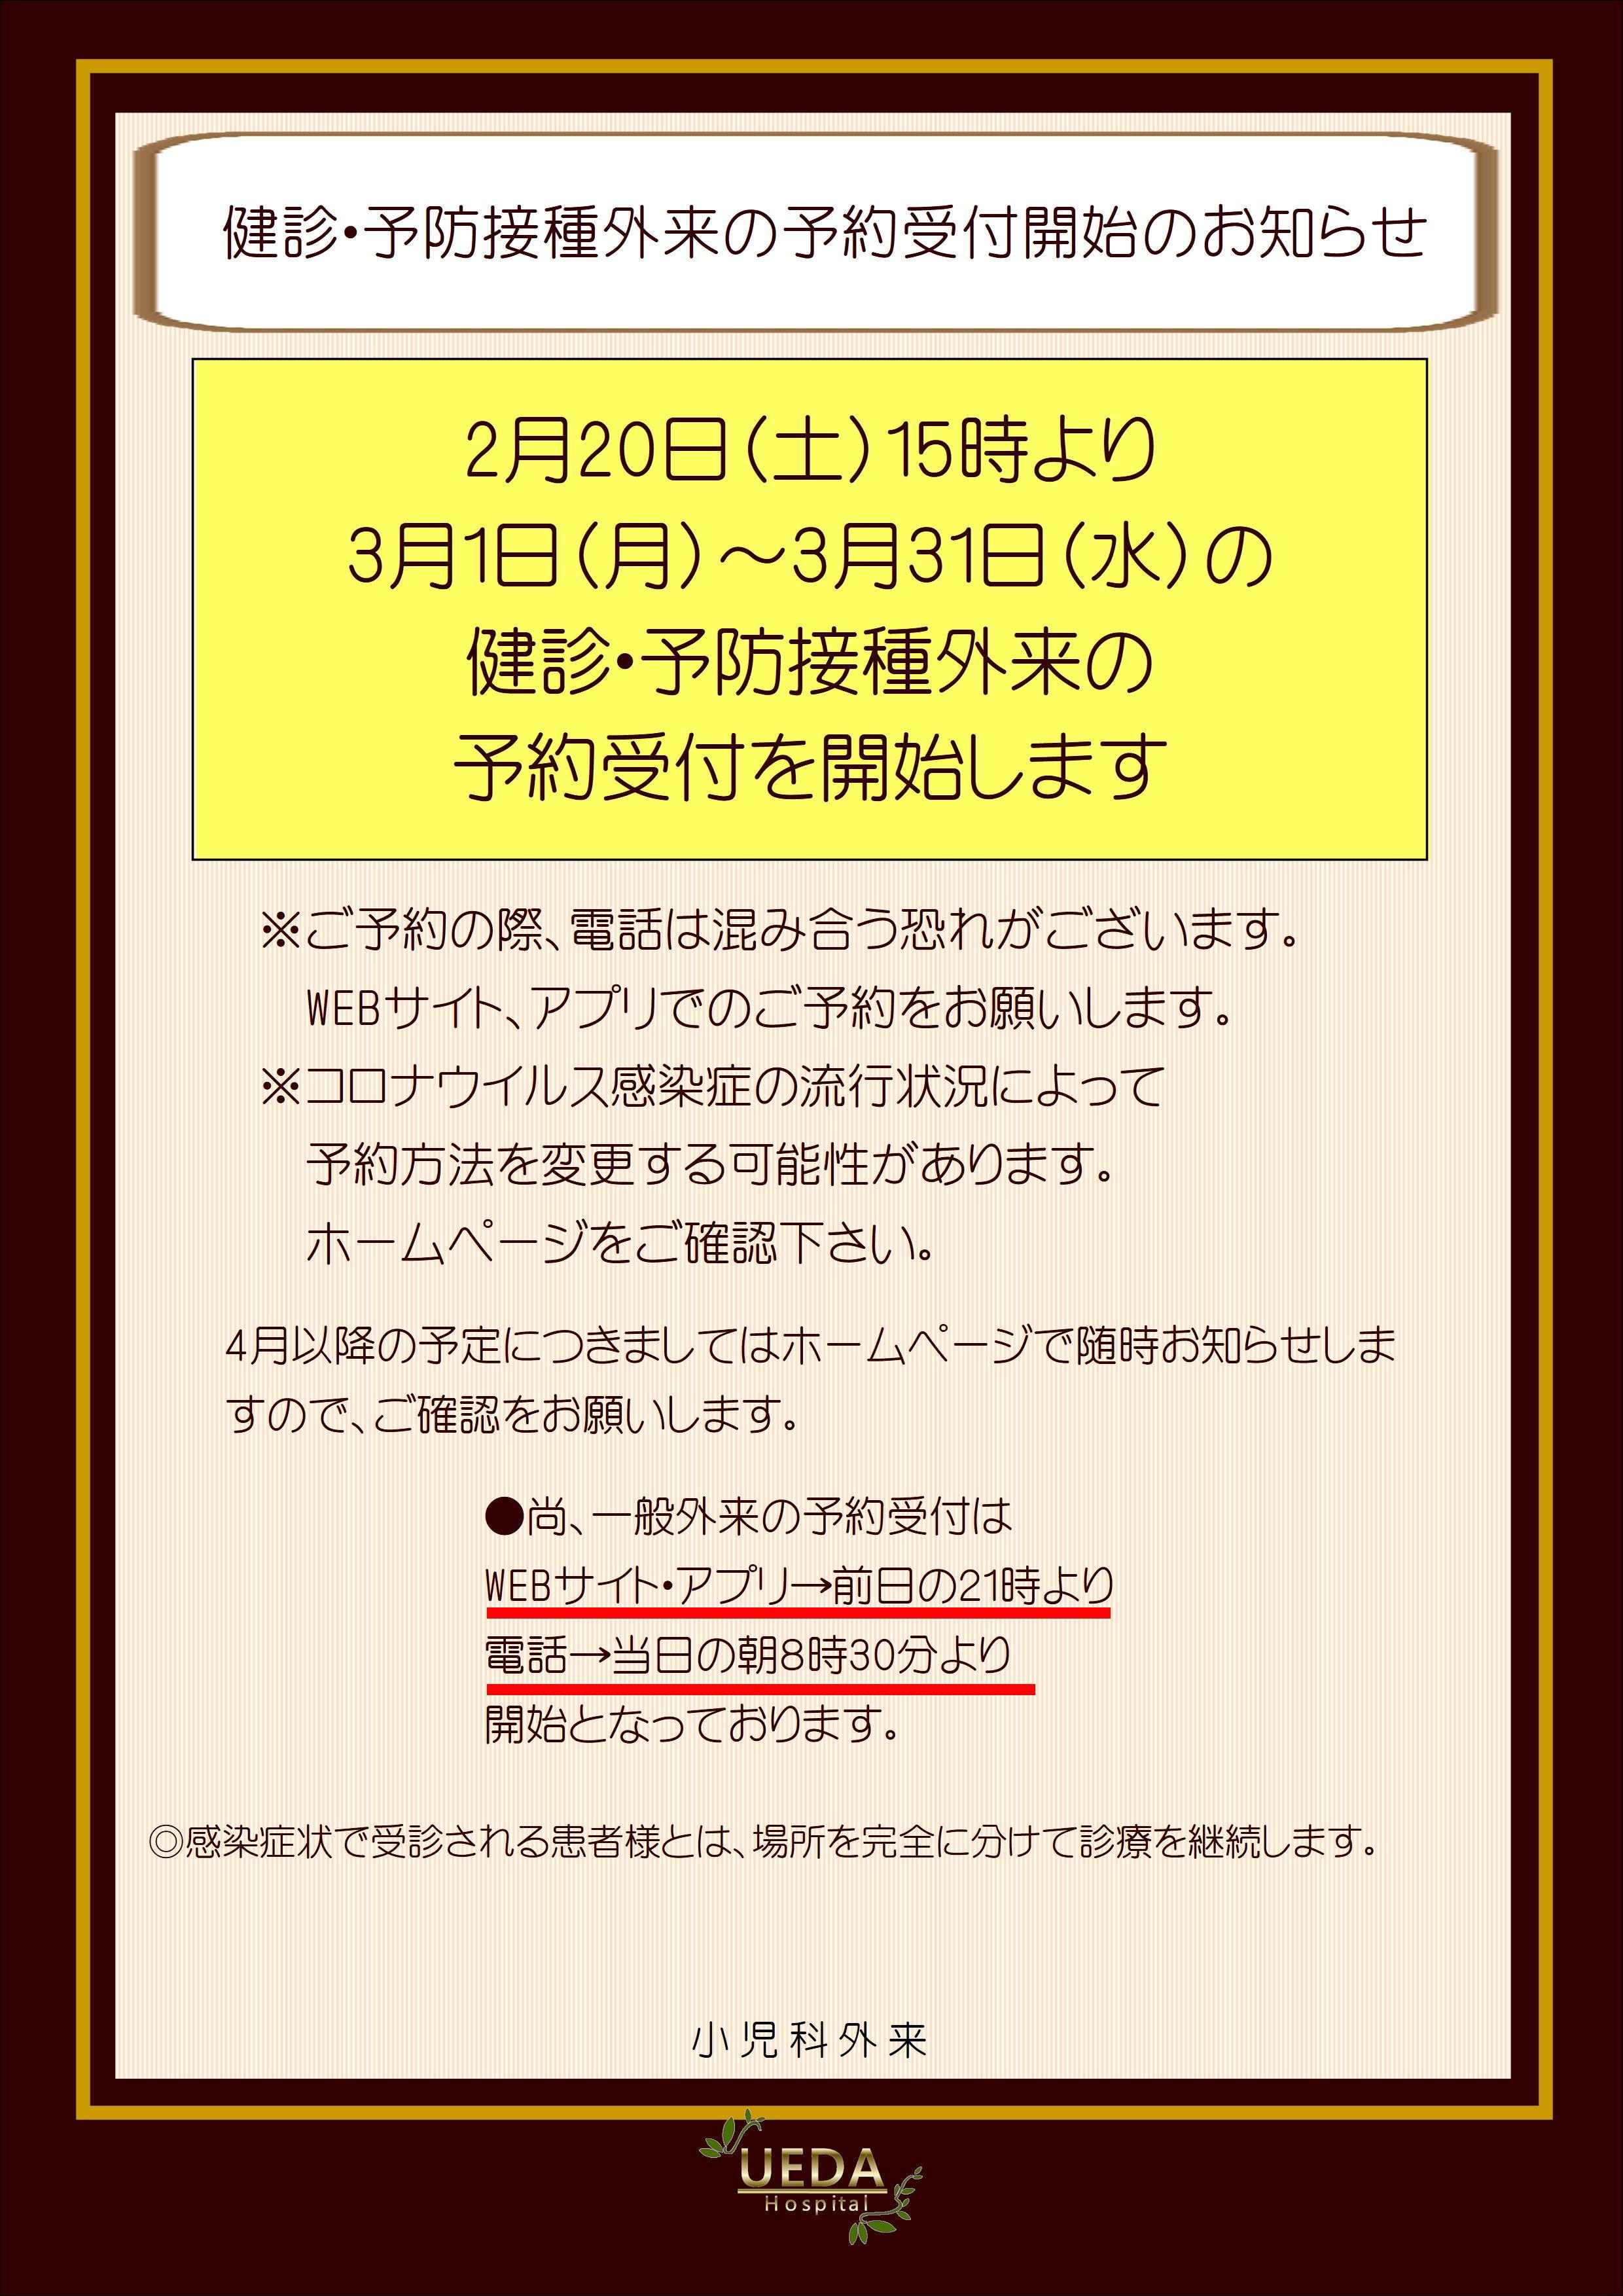 3月健診・予防接種外来予約受付.JPG